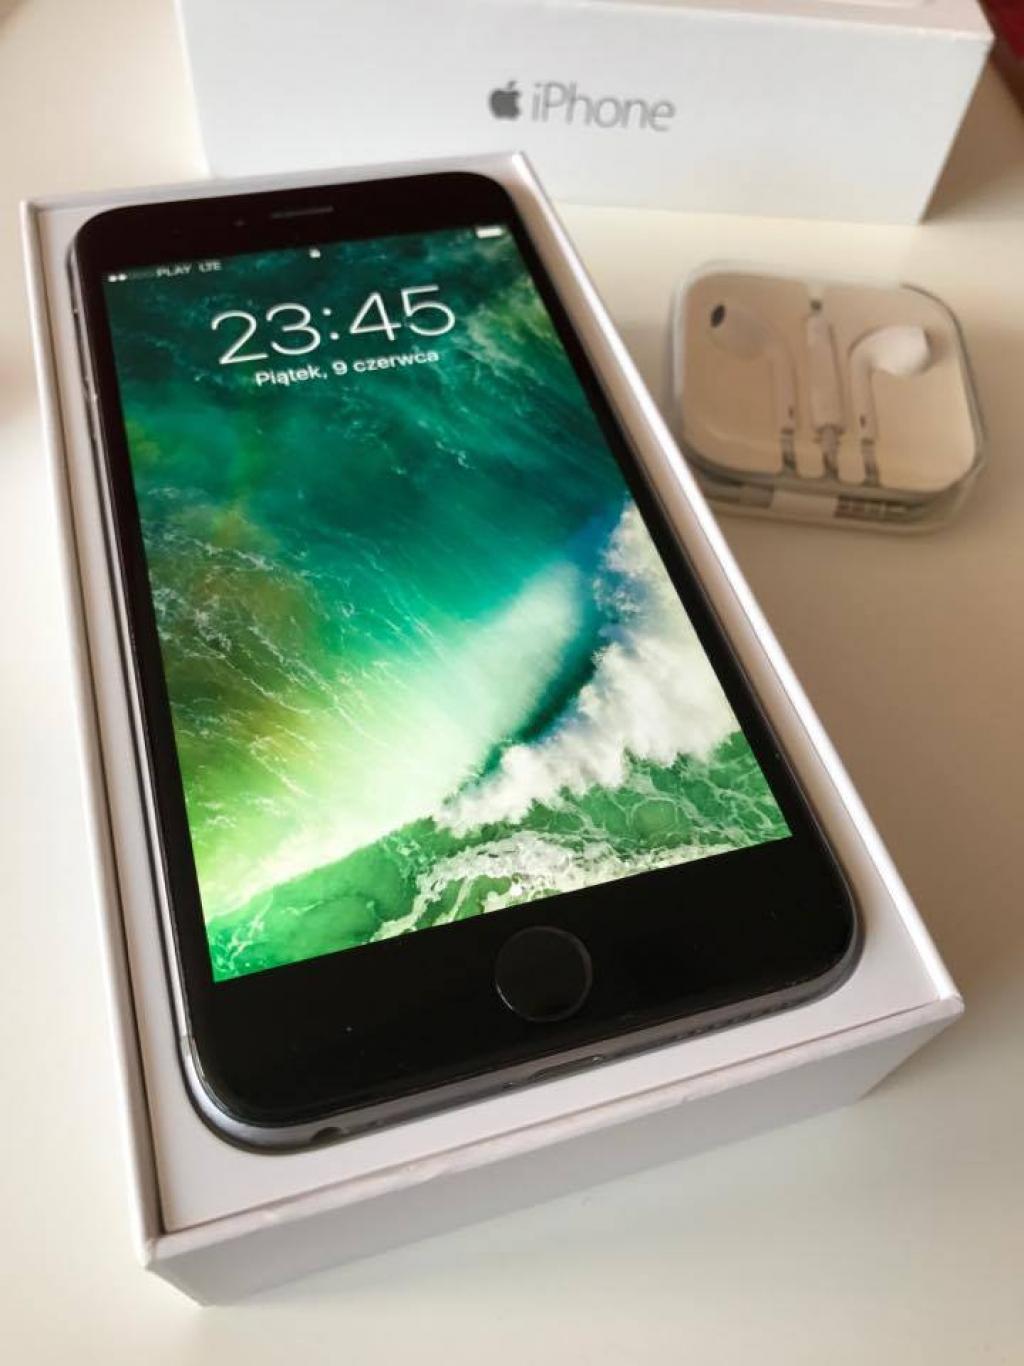 IPHONE 6 PLUS 64 GB gwiezdna szarość gray space po